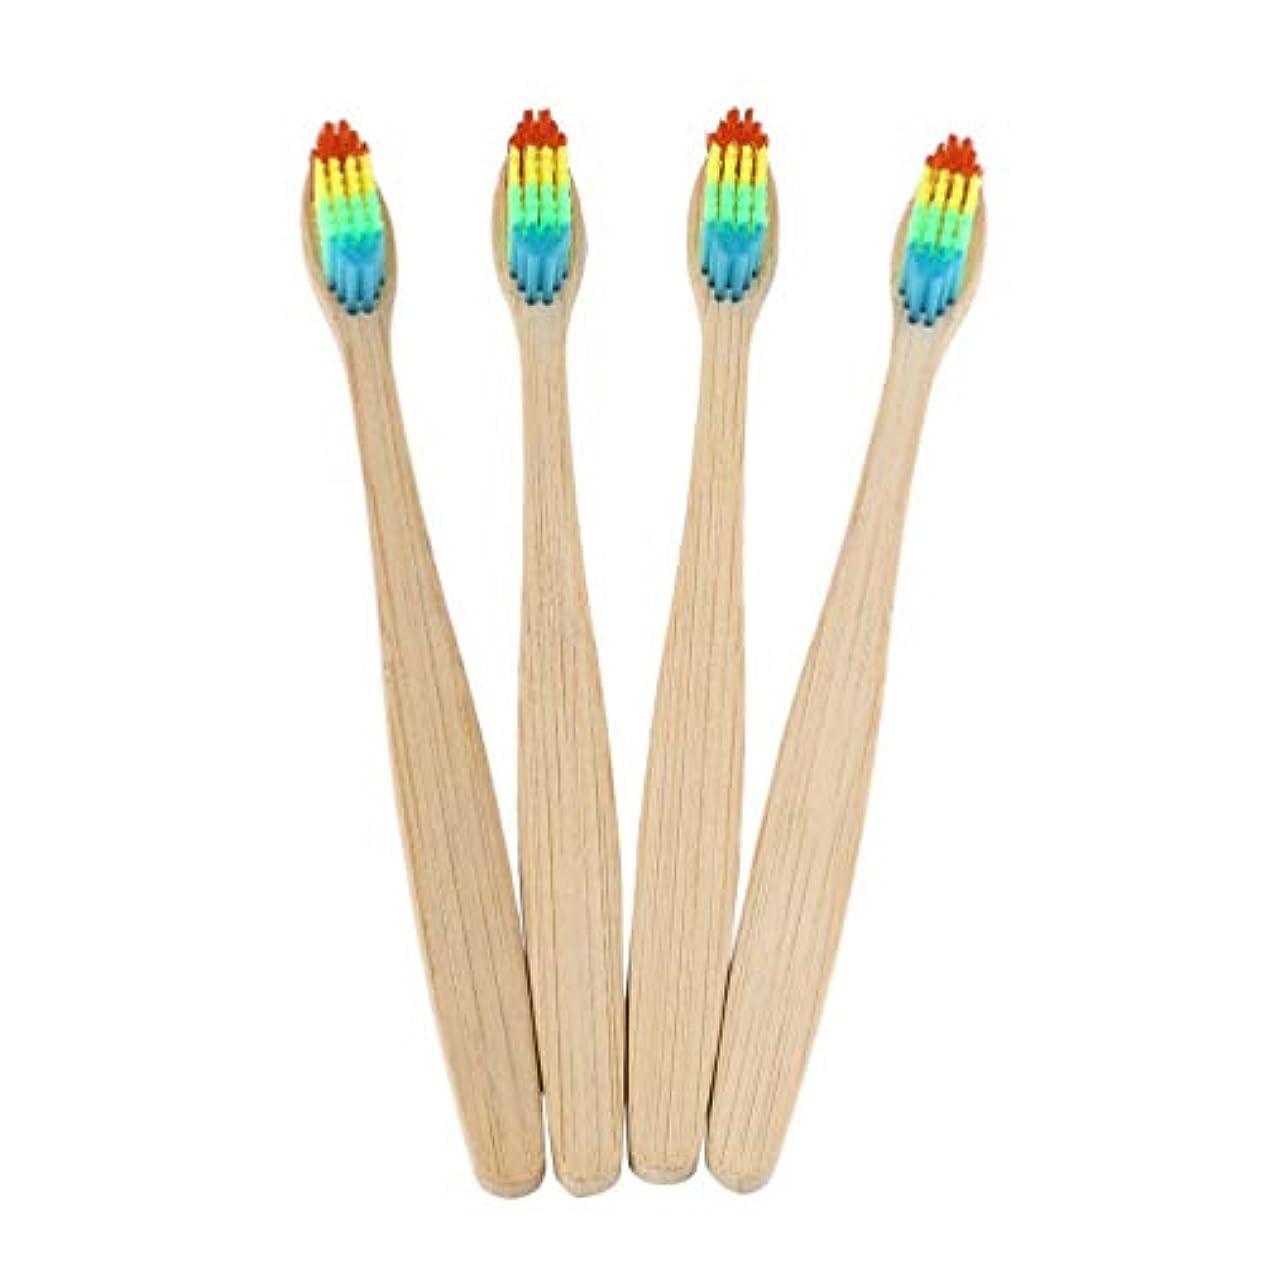 コンプライアンス涙櫛カラフルな髪+竹のハンドル歯ブラシ環境木製の虹竹の歯ブラシオーラルケアソフト剛毛ユニセックス - ウッドカラー+カラフル